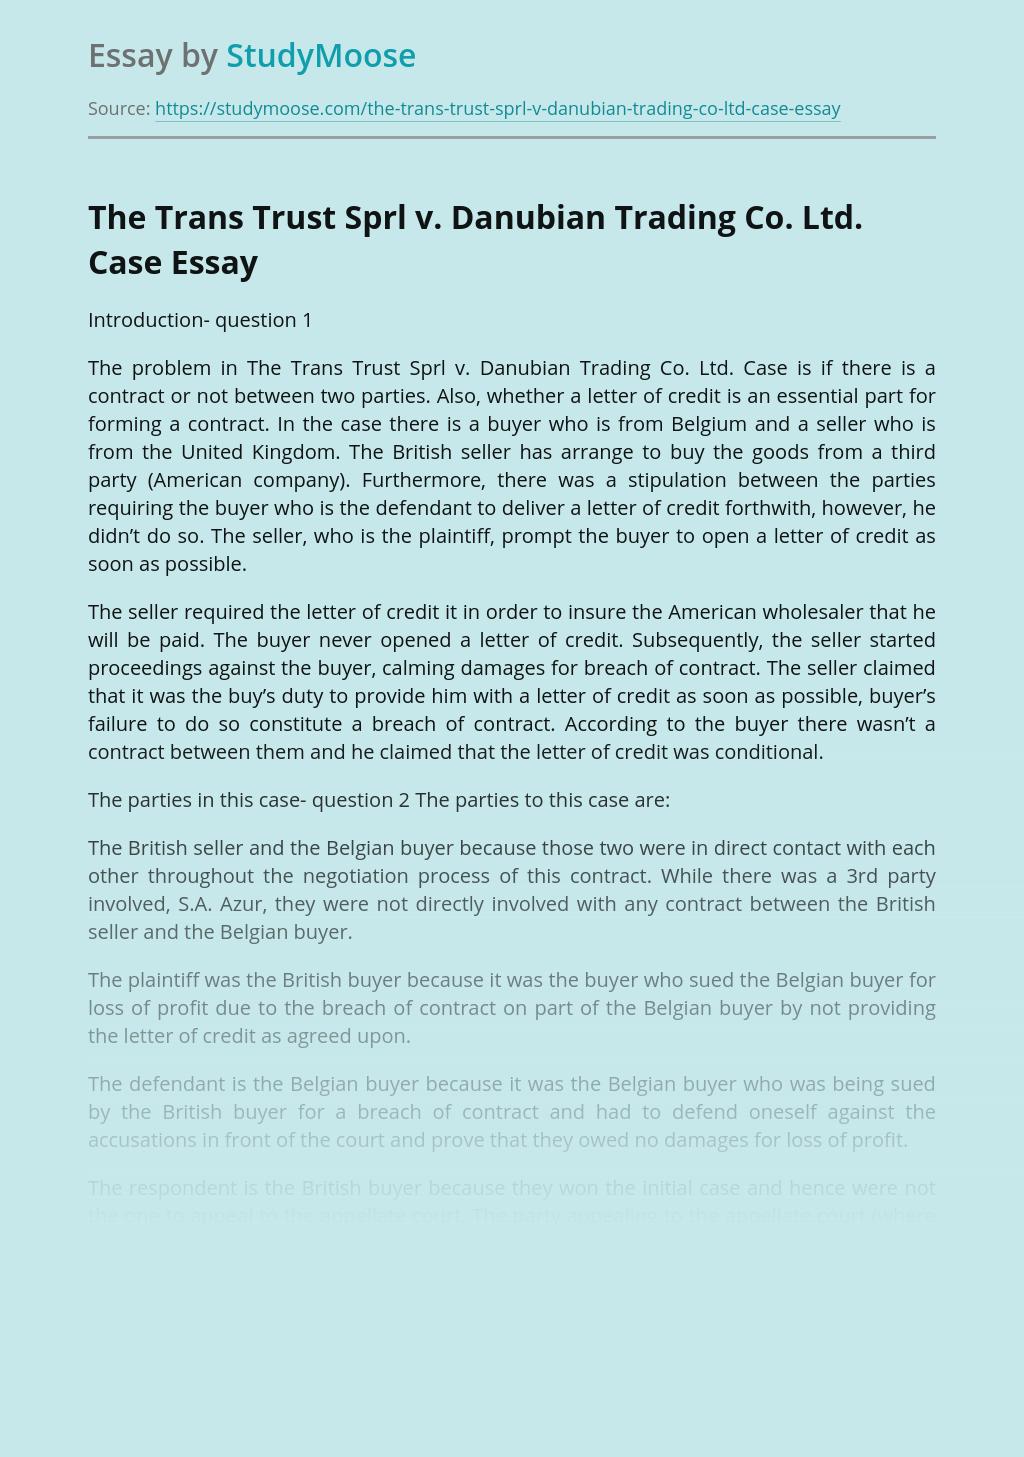 The Trans Trust Sprl v. Danubian Trading Co. Ltd. Case